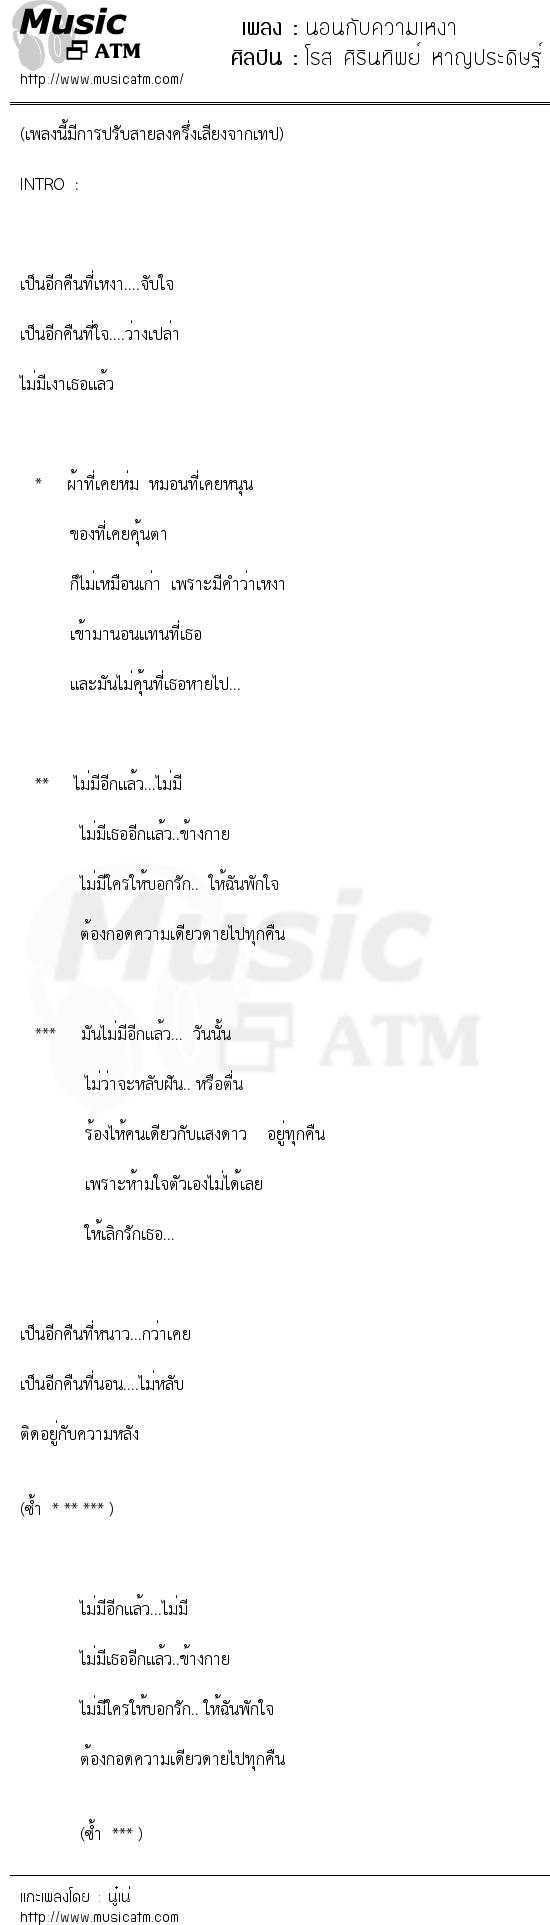 นอนกับความเหงา | เพลงไทย